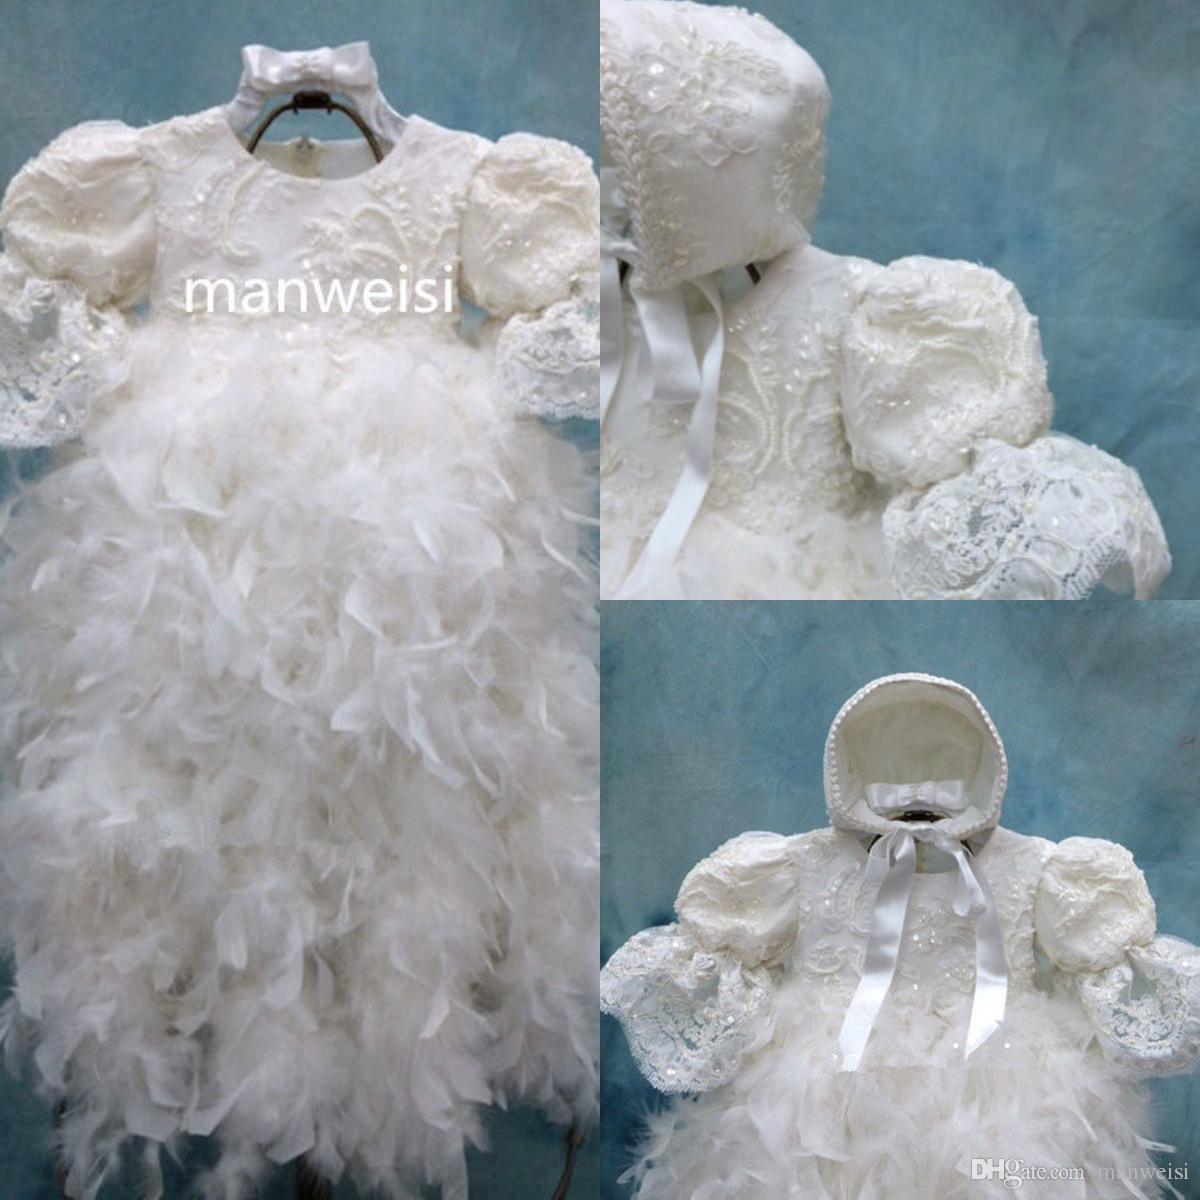 großhandel luxus taufkleider feder pailletten säuglingskleinkind taufe baby  lange kleider blume mädchen kid erste kommunikation kleid von manweisi,